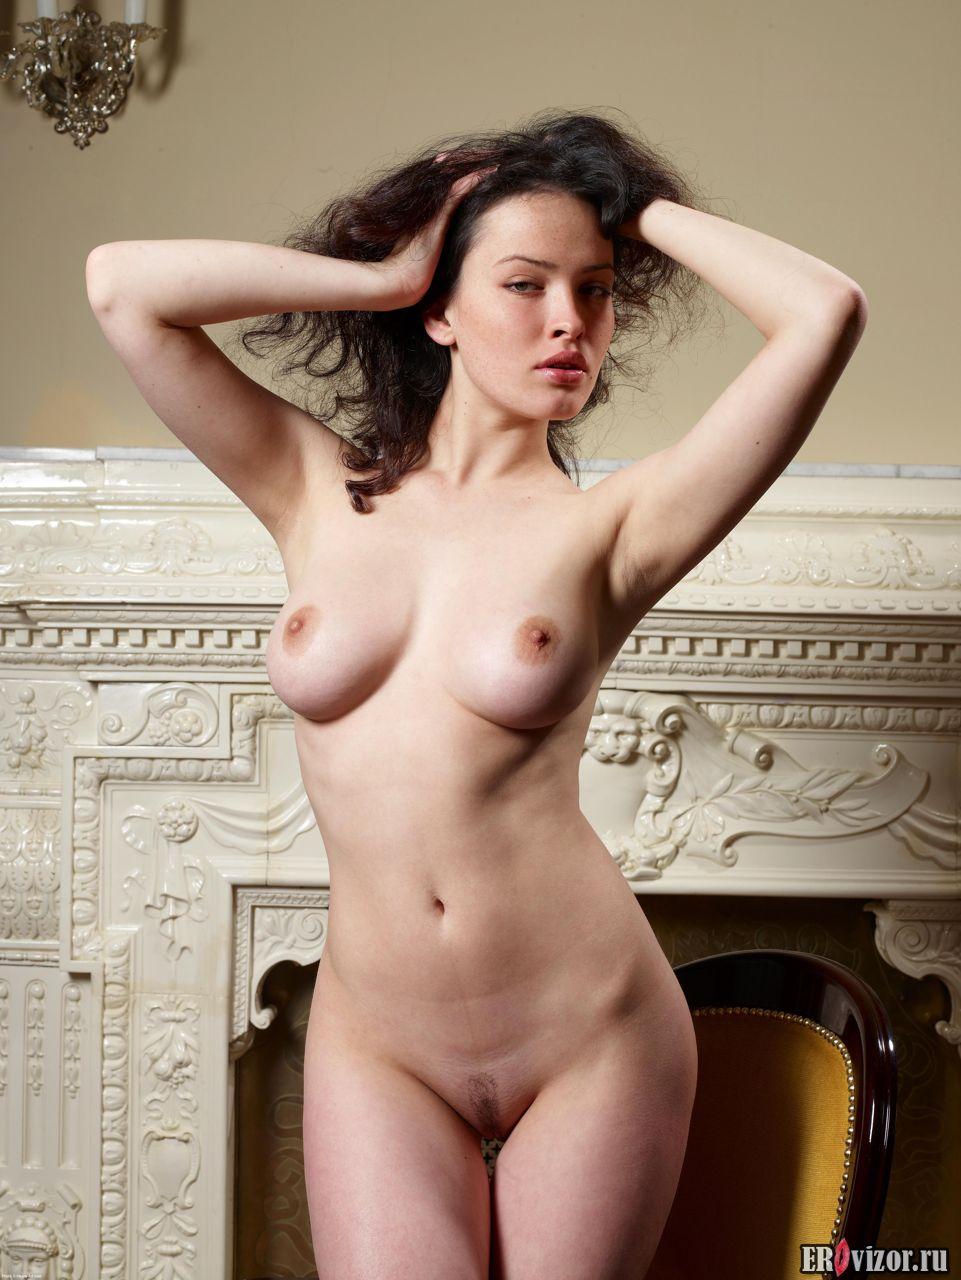 Фото Упругая попа красивой голой модели Playboy 1. Эротическое видео и фото. Голые девушки и эротика бесплатно